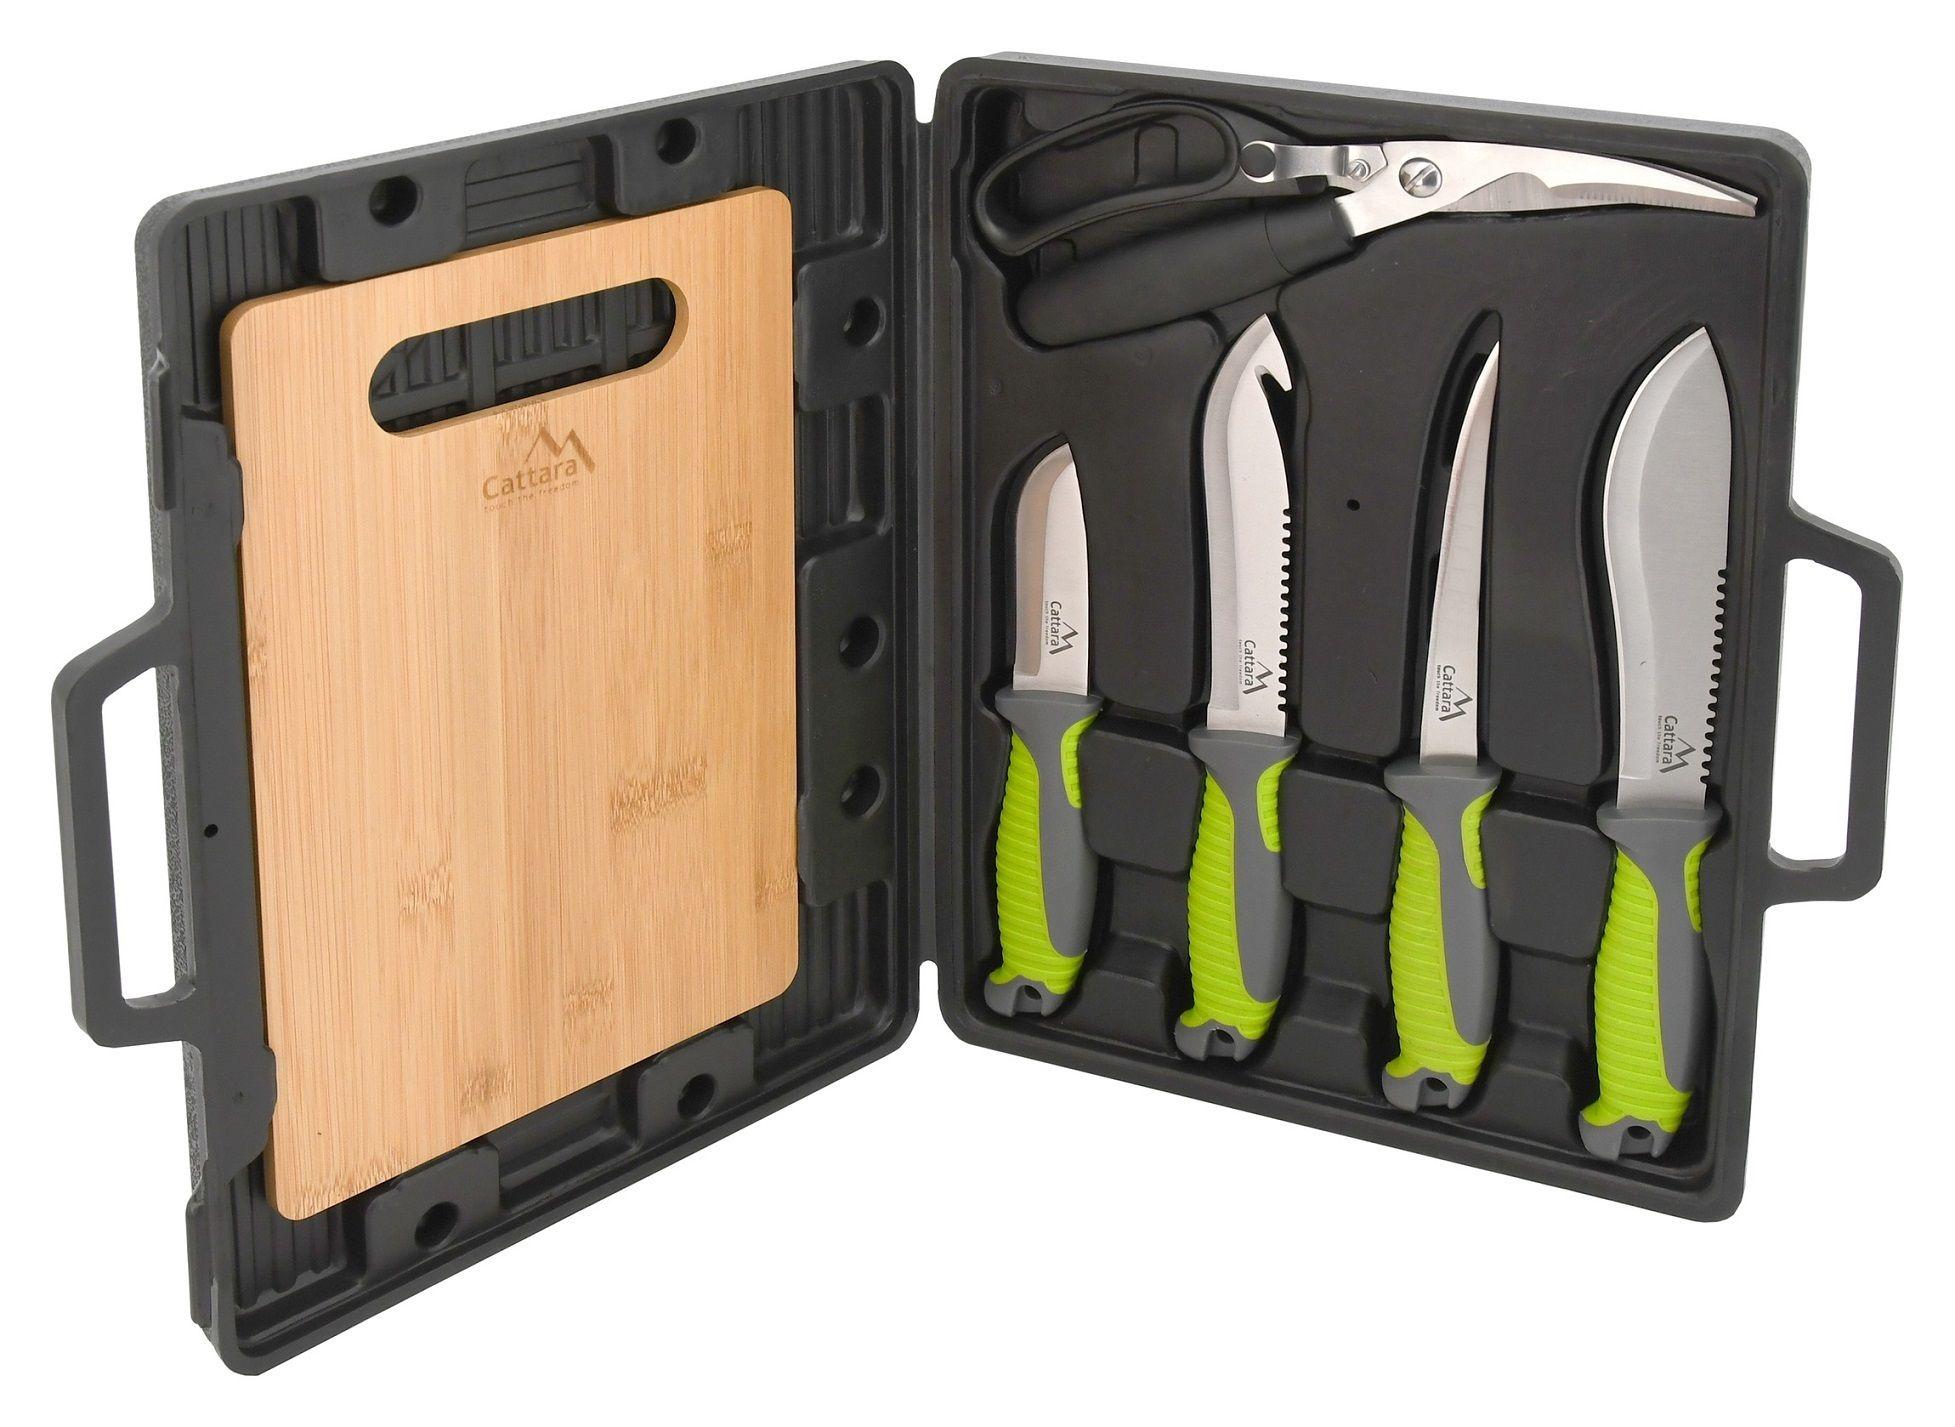 Grilovací nože sada 4+1+1 CATTARA